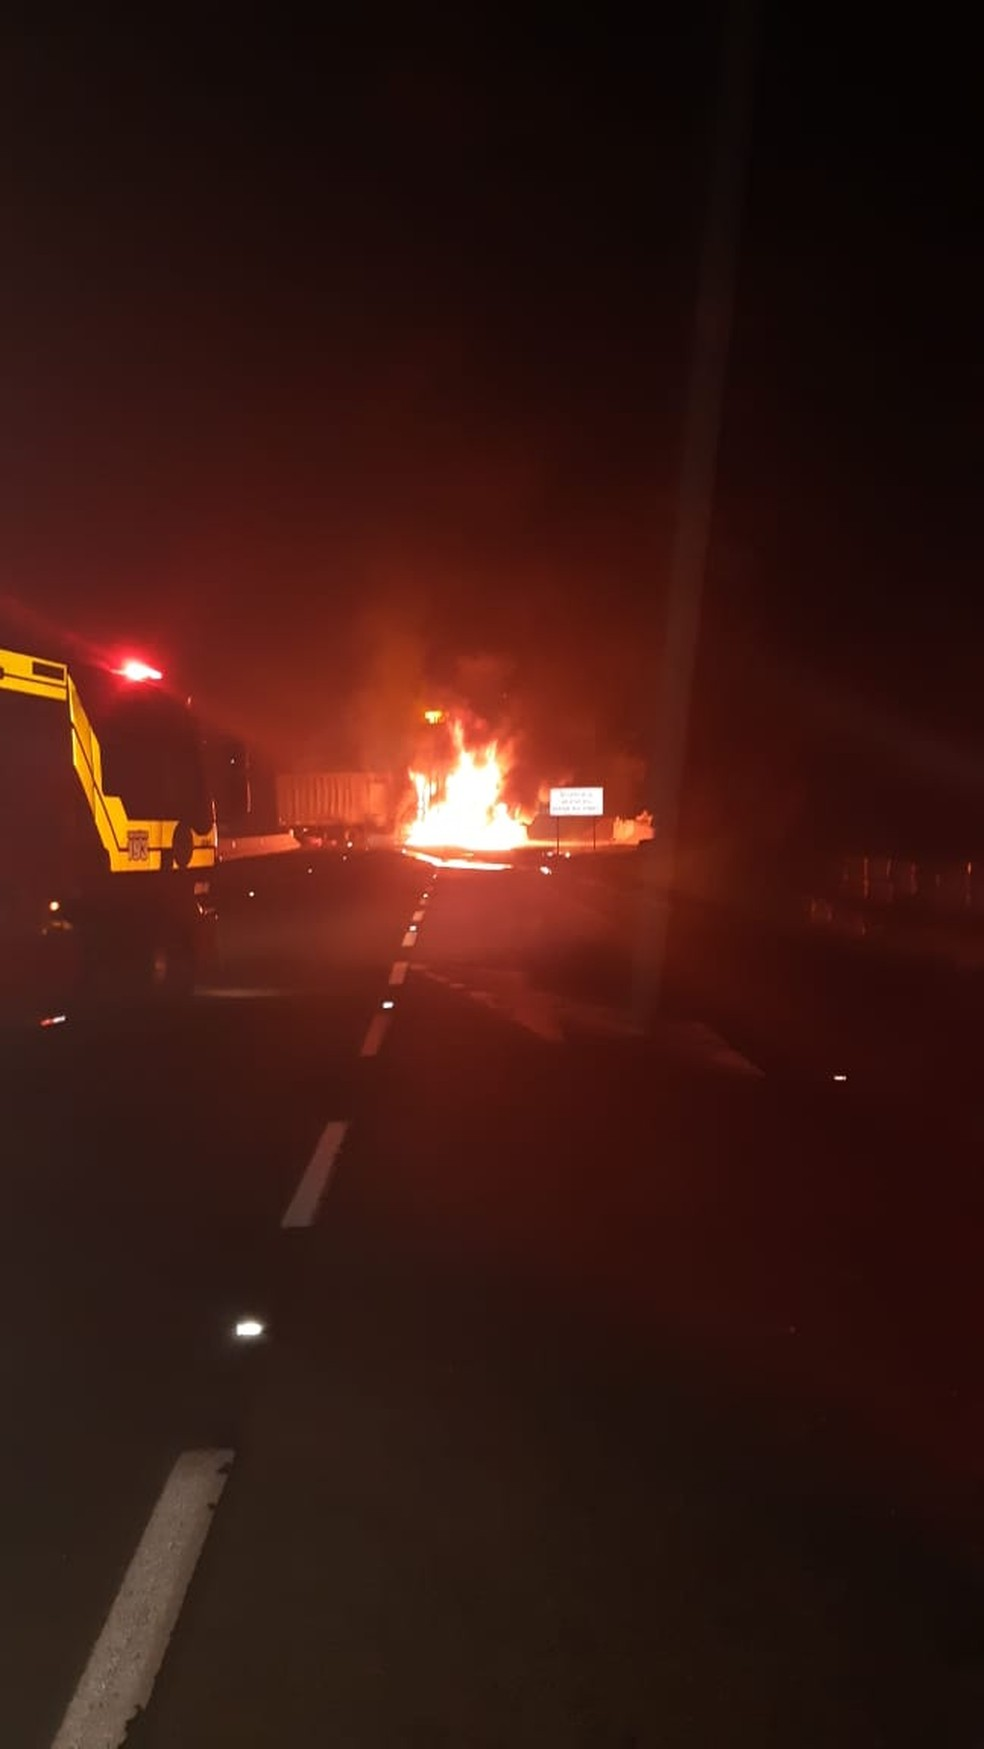 Caminhão com placas de Dumont (SP) foi incendiado na entrada no túnel no morro do Formigão, na BR-101, em Tubarão  — Foto: PRF/ Divulgação